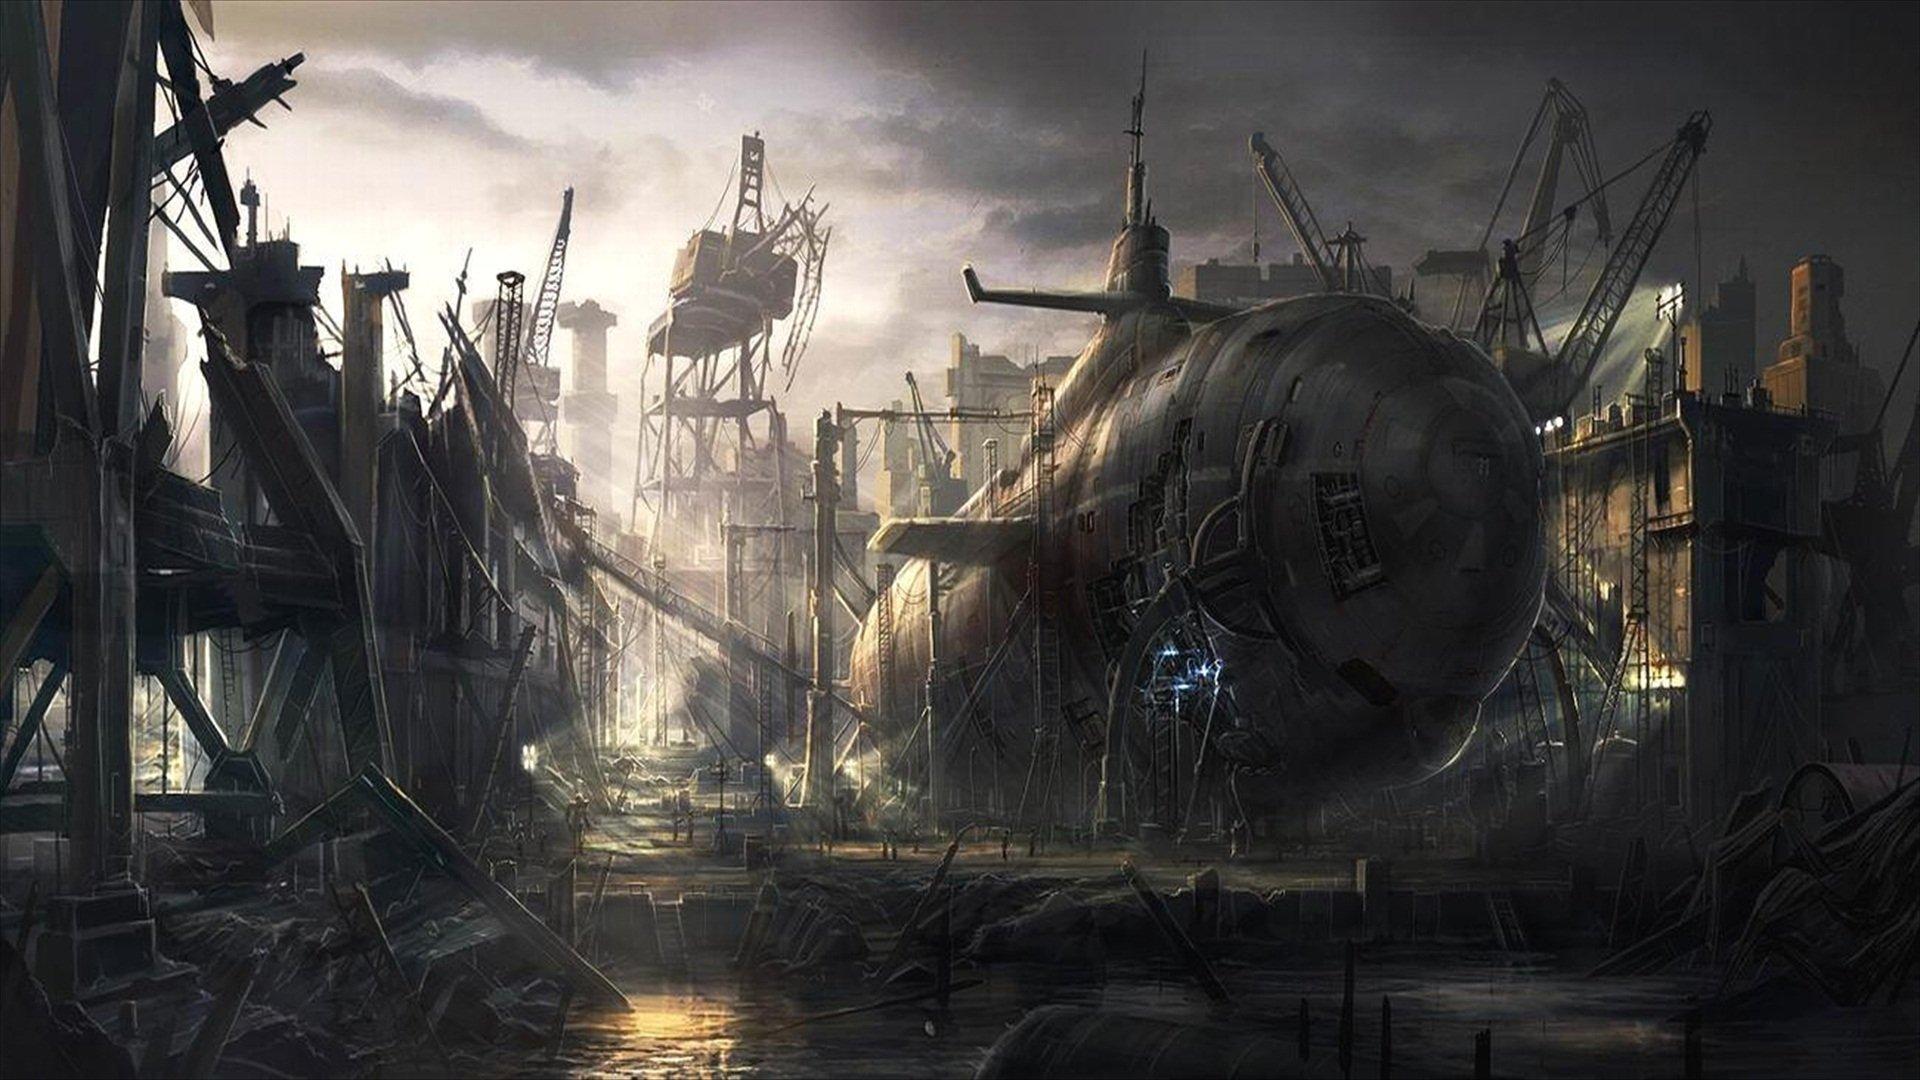 Military - Submarine  Wallpaper